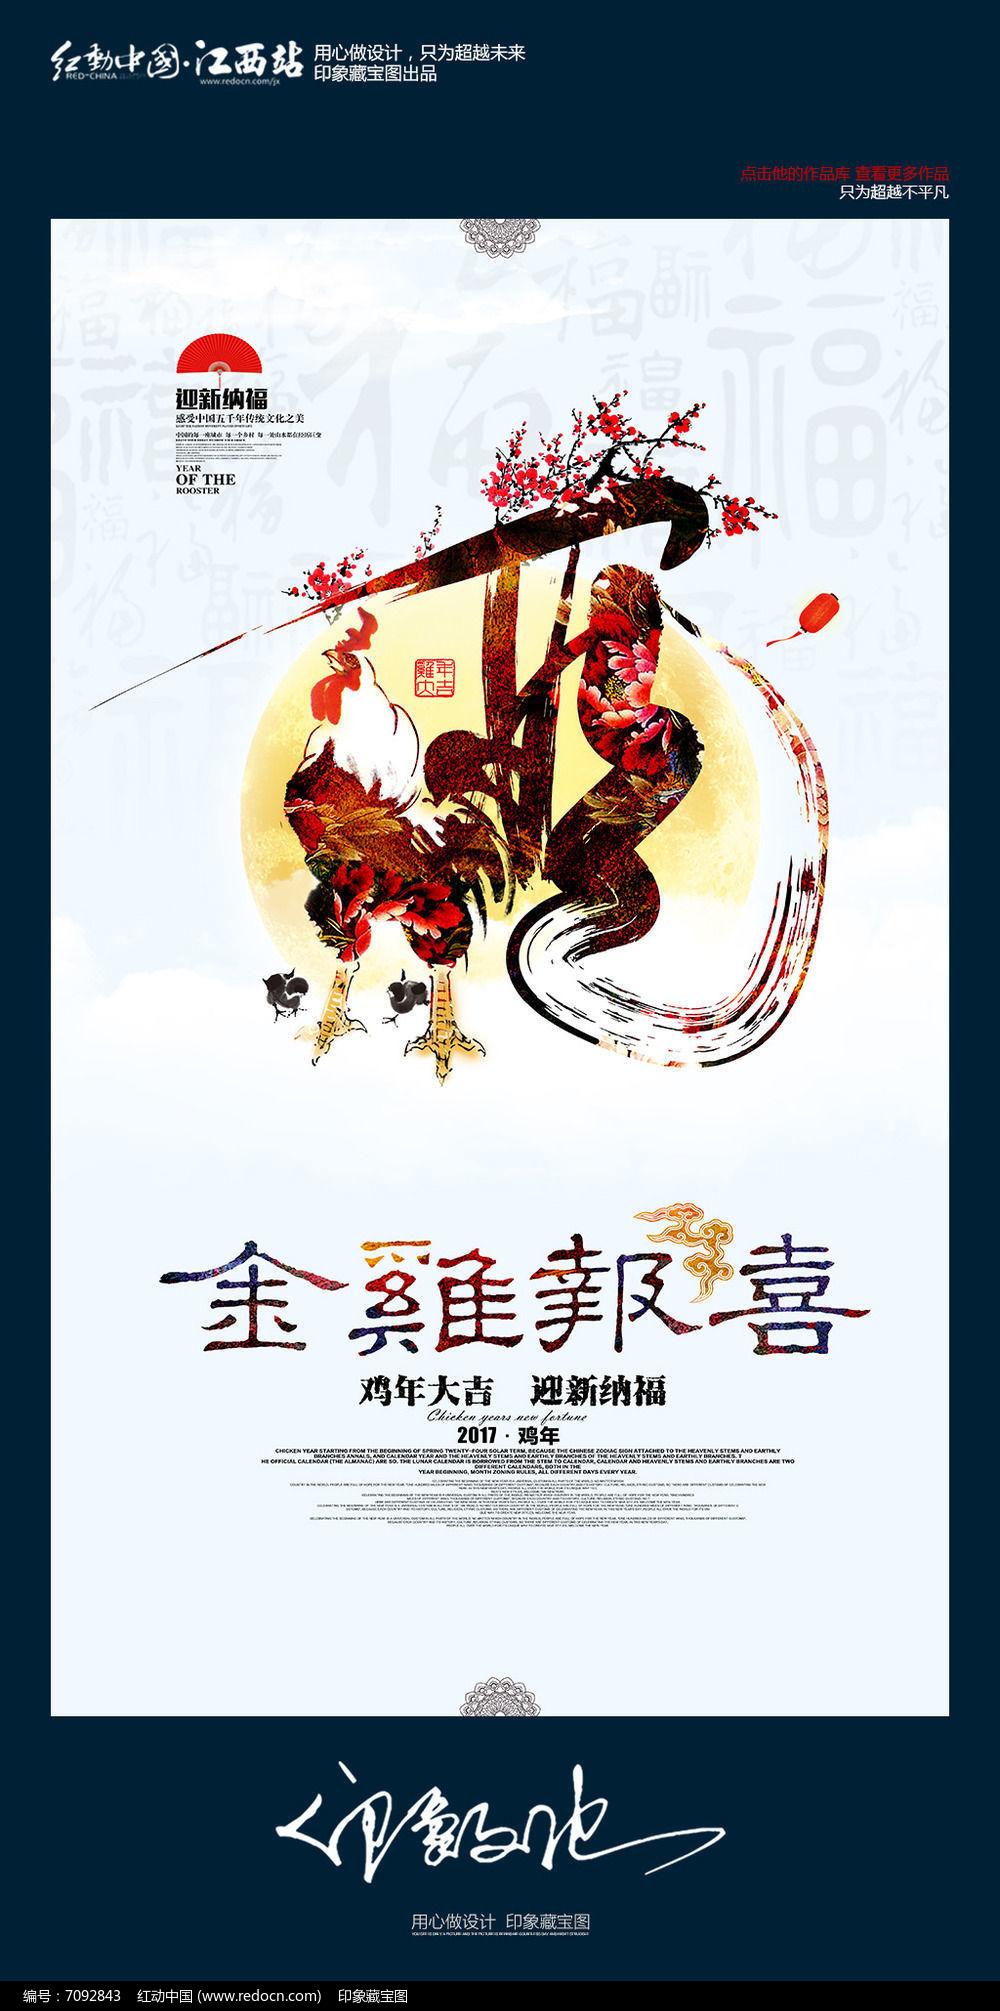 创意中国风2017鸡年金鸡报喜海报设计图片